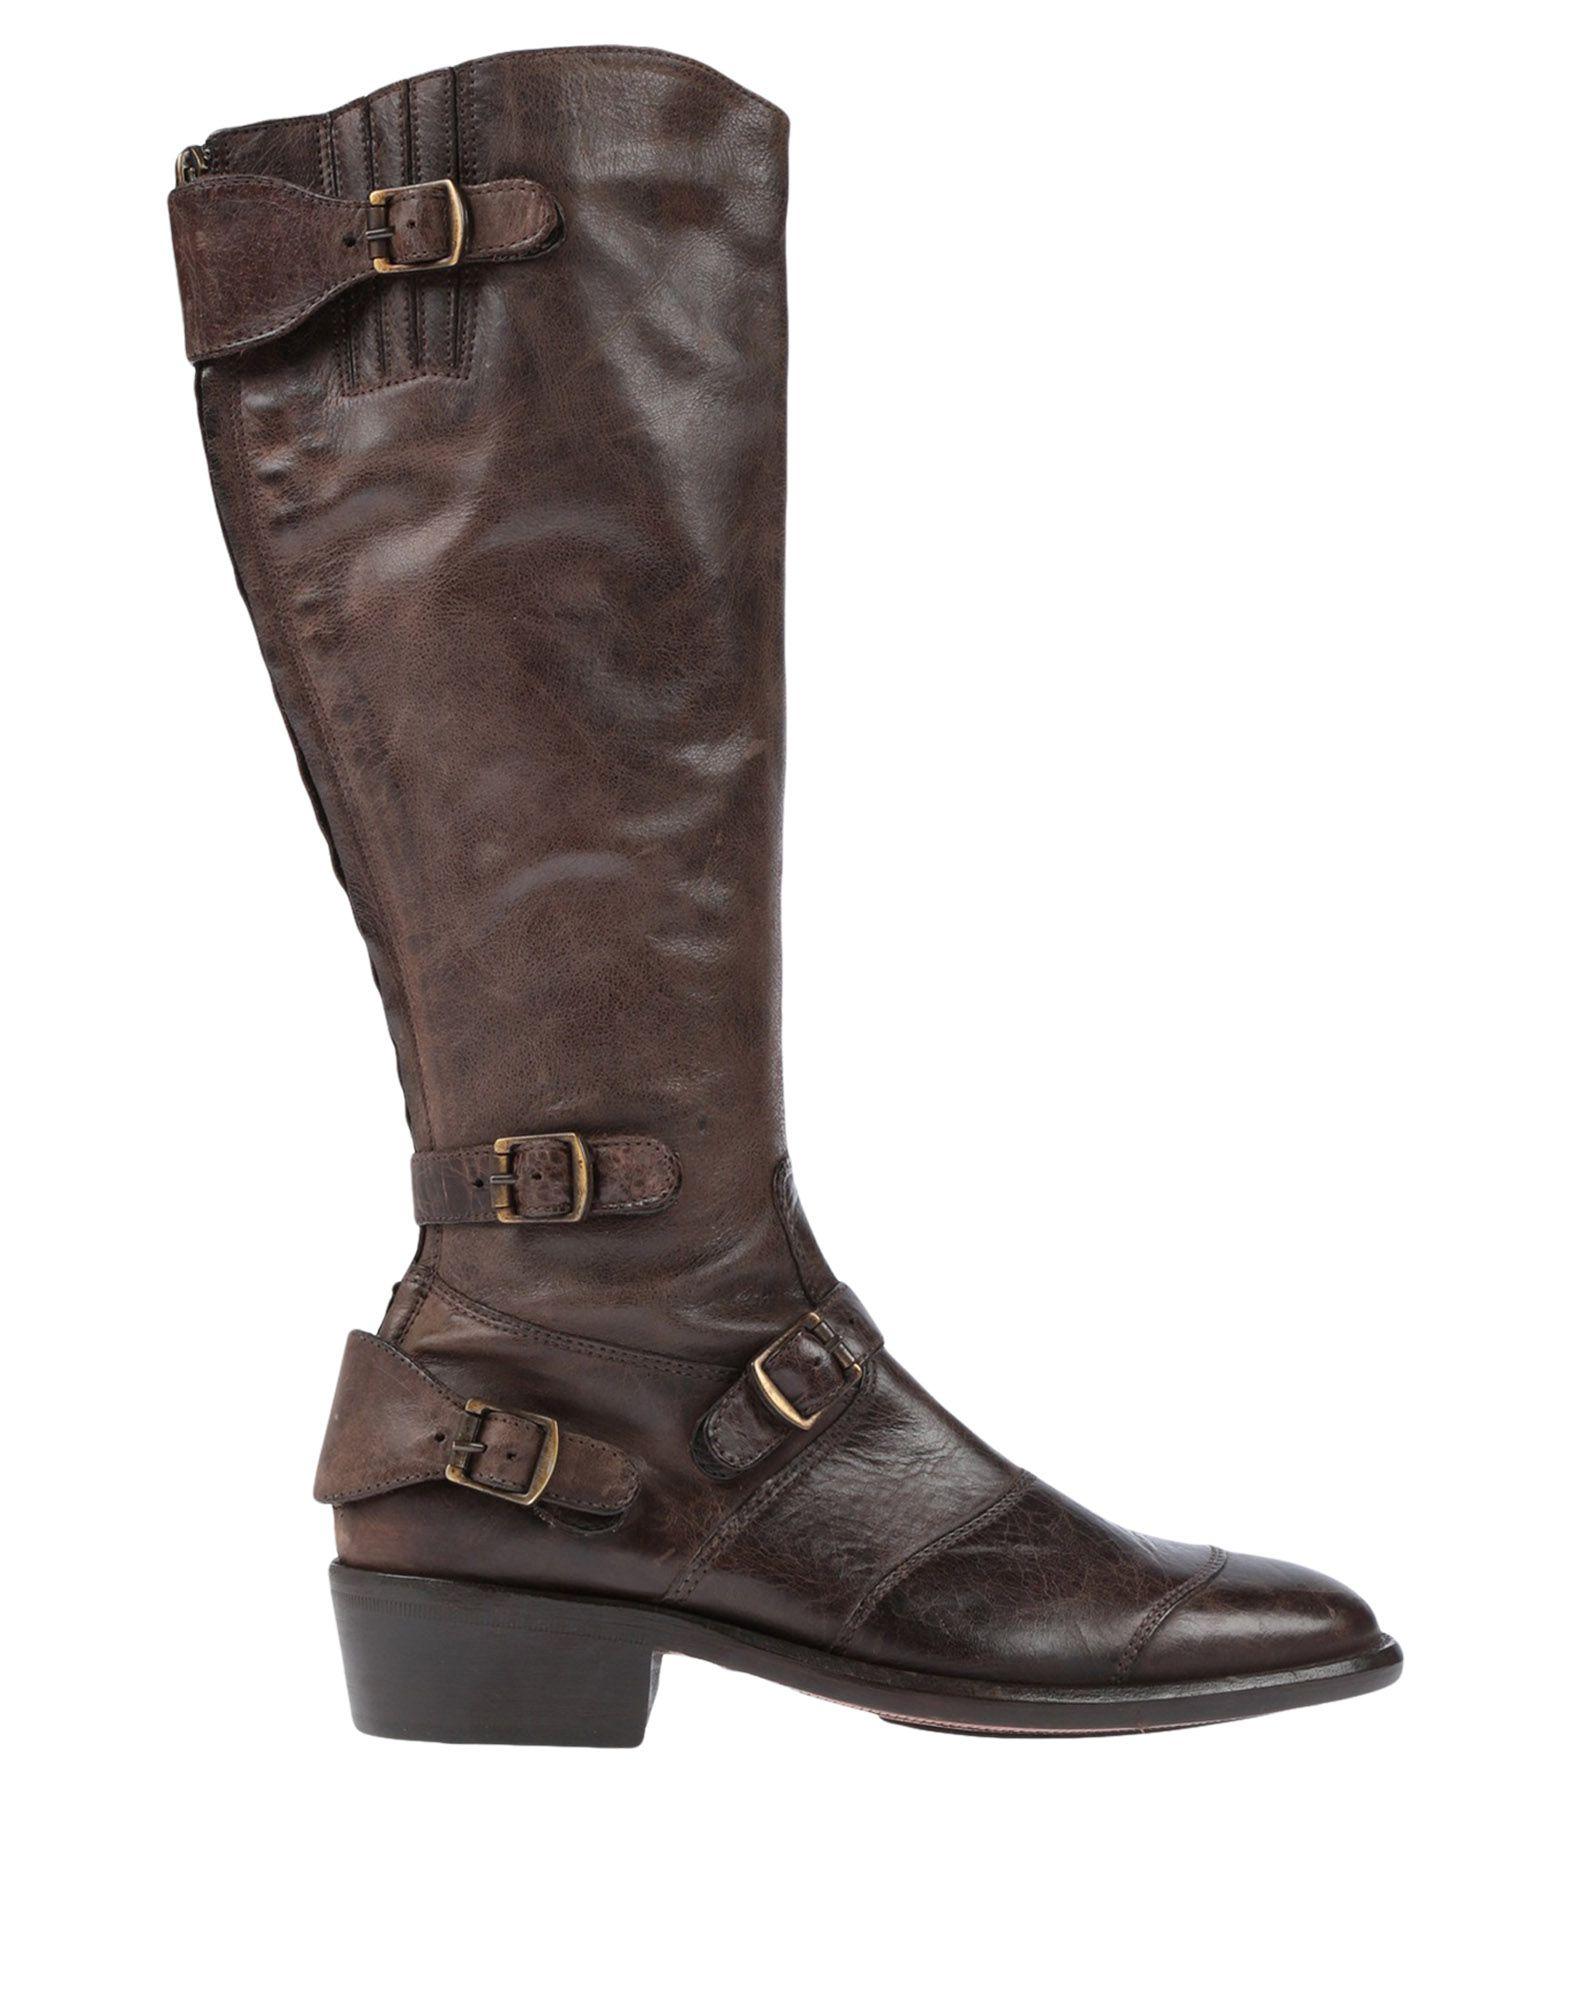 Belstaff Stiefel Damen  11542442FGGünstige Schuhe gut aussehende Schuhe 11542442FGGünstige 7458e4